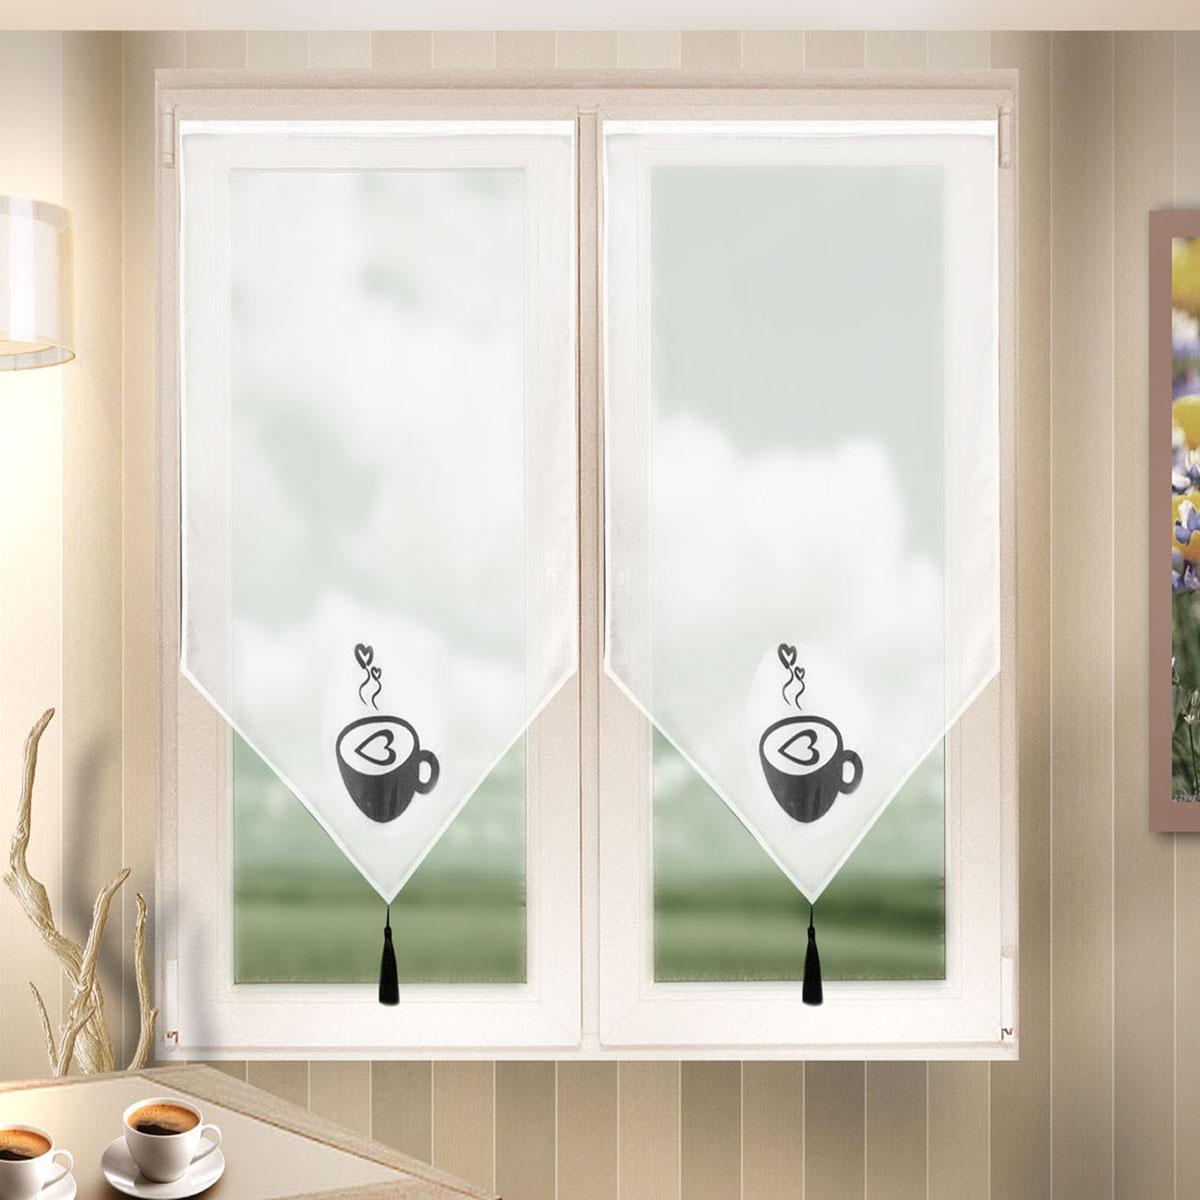 Гардина Zlata Korunka, цвет: белый, ширина 60 см, высота 140 см. 6660241004900000360Лучшая альтернатива рулонным шторам на кухне – шторы на липкой ленте. Особенность этих штор заключается в том, что они имеют липкую основу в месте крепления . Лента или основа надежно и быстро крепится на раму окна, а на нее фиксируется сама штора.Размеры: ширина 60* высота 140